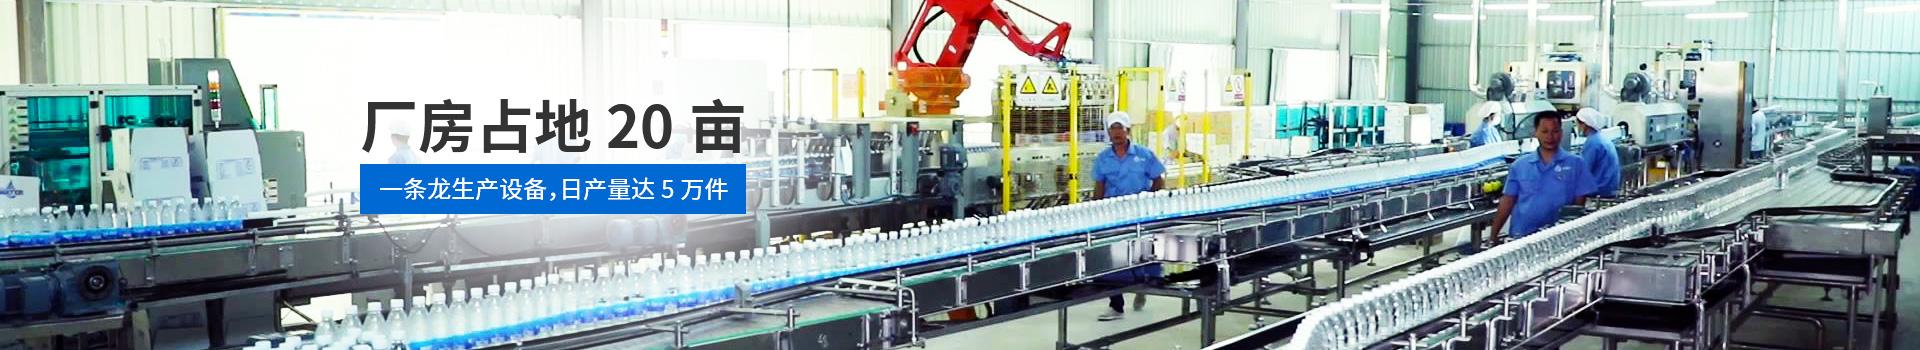 甘甜泉一条龙生产设备,日产量达5万件